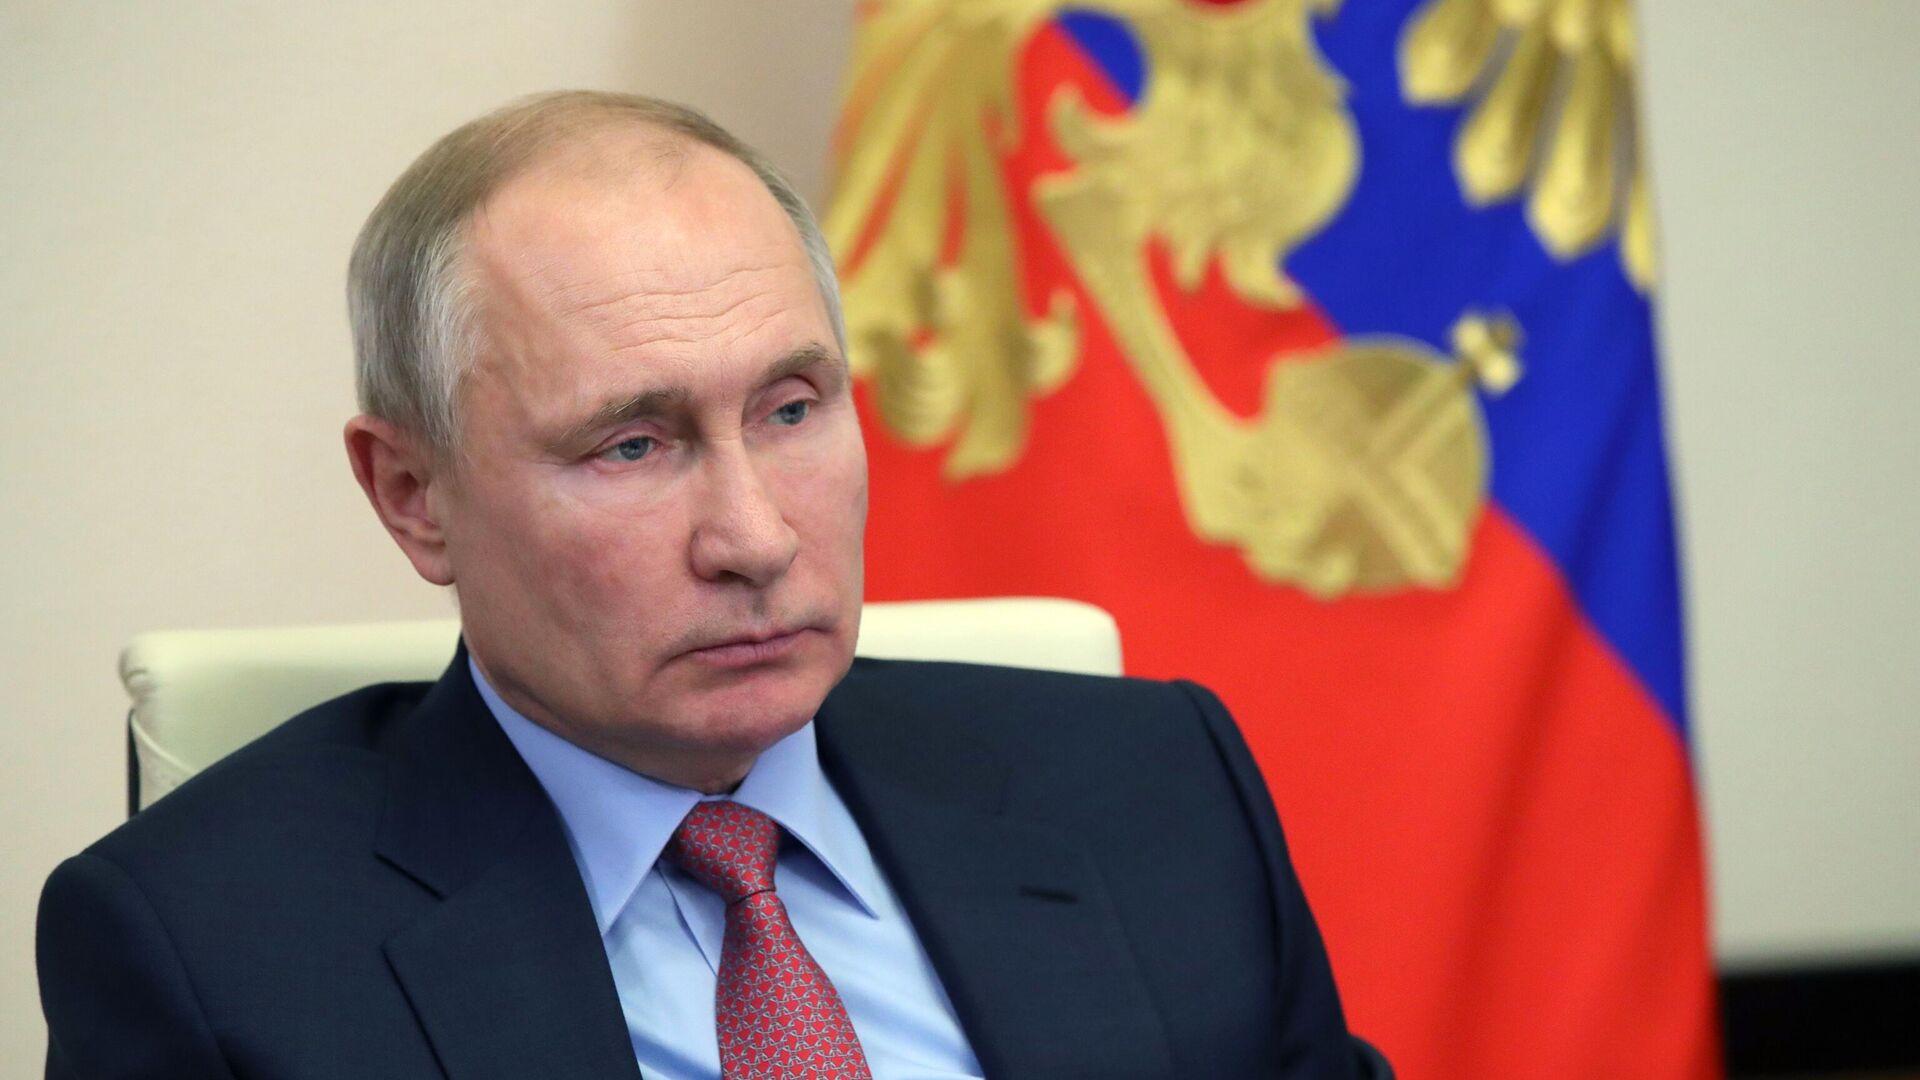 Президент РФ Владимир Путин проводит в режиме видеоконференции совещание по экономическим вопросам - РИА Новости, 1920, 22.01.2021